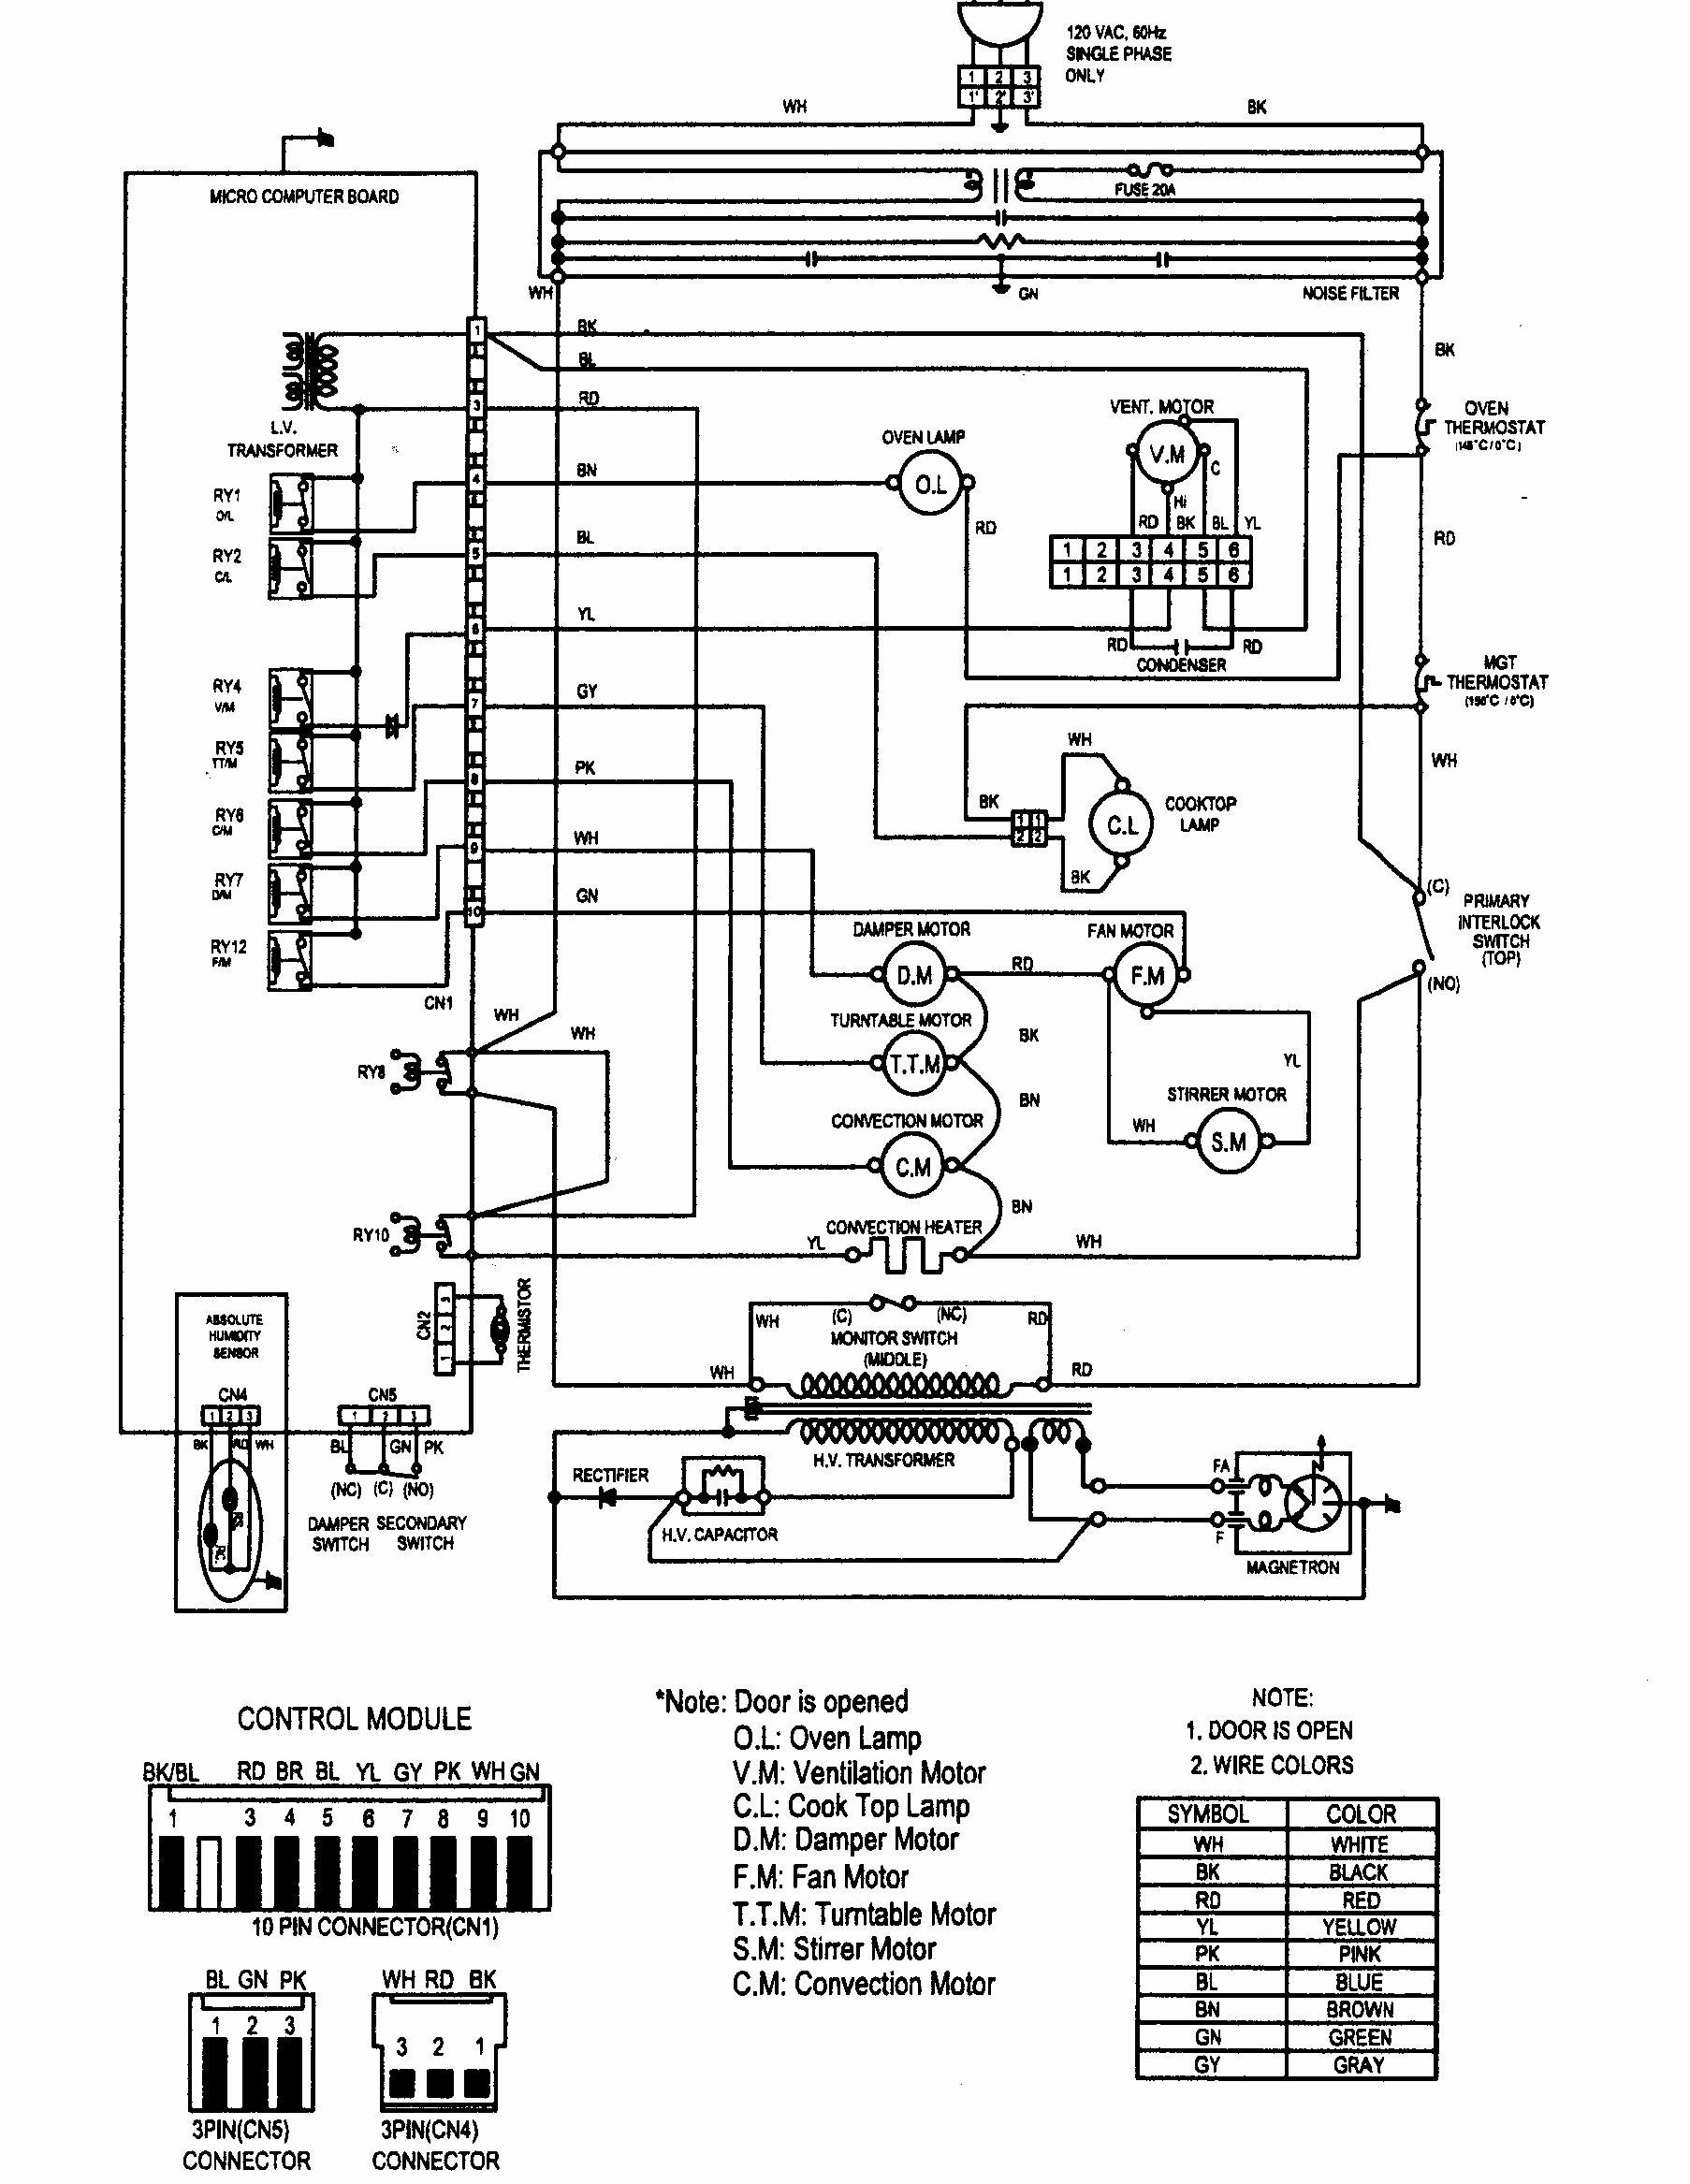 kenmore-elite-freezer-wiring-diagram